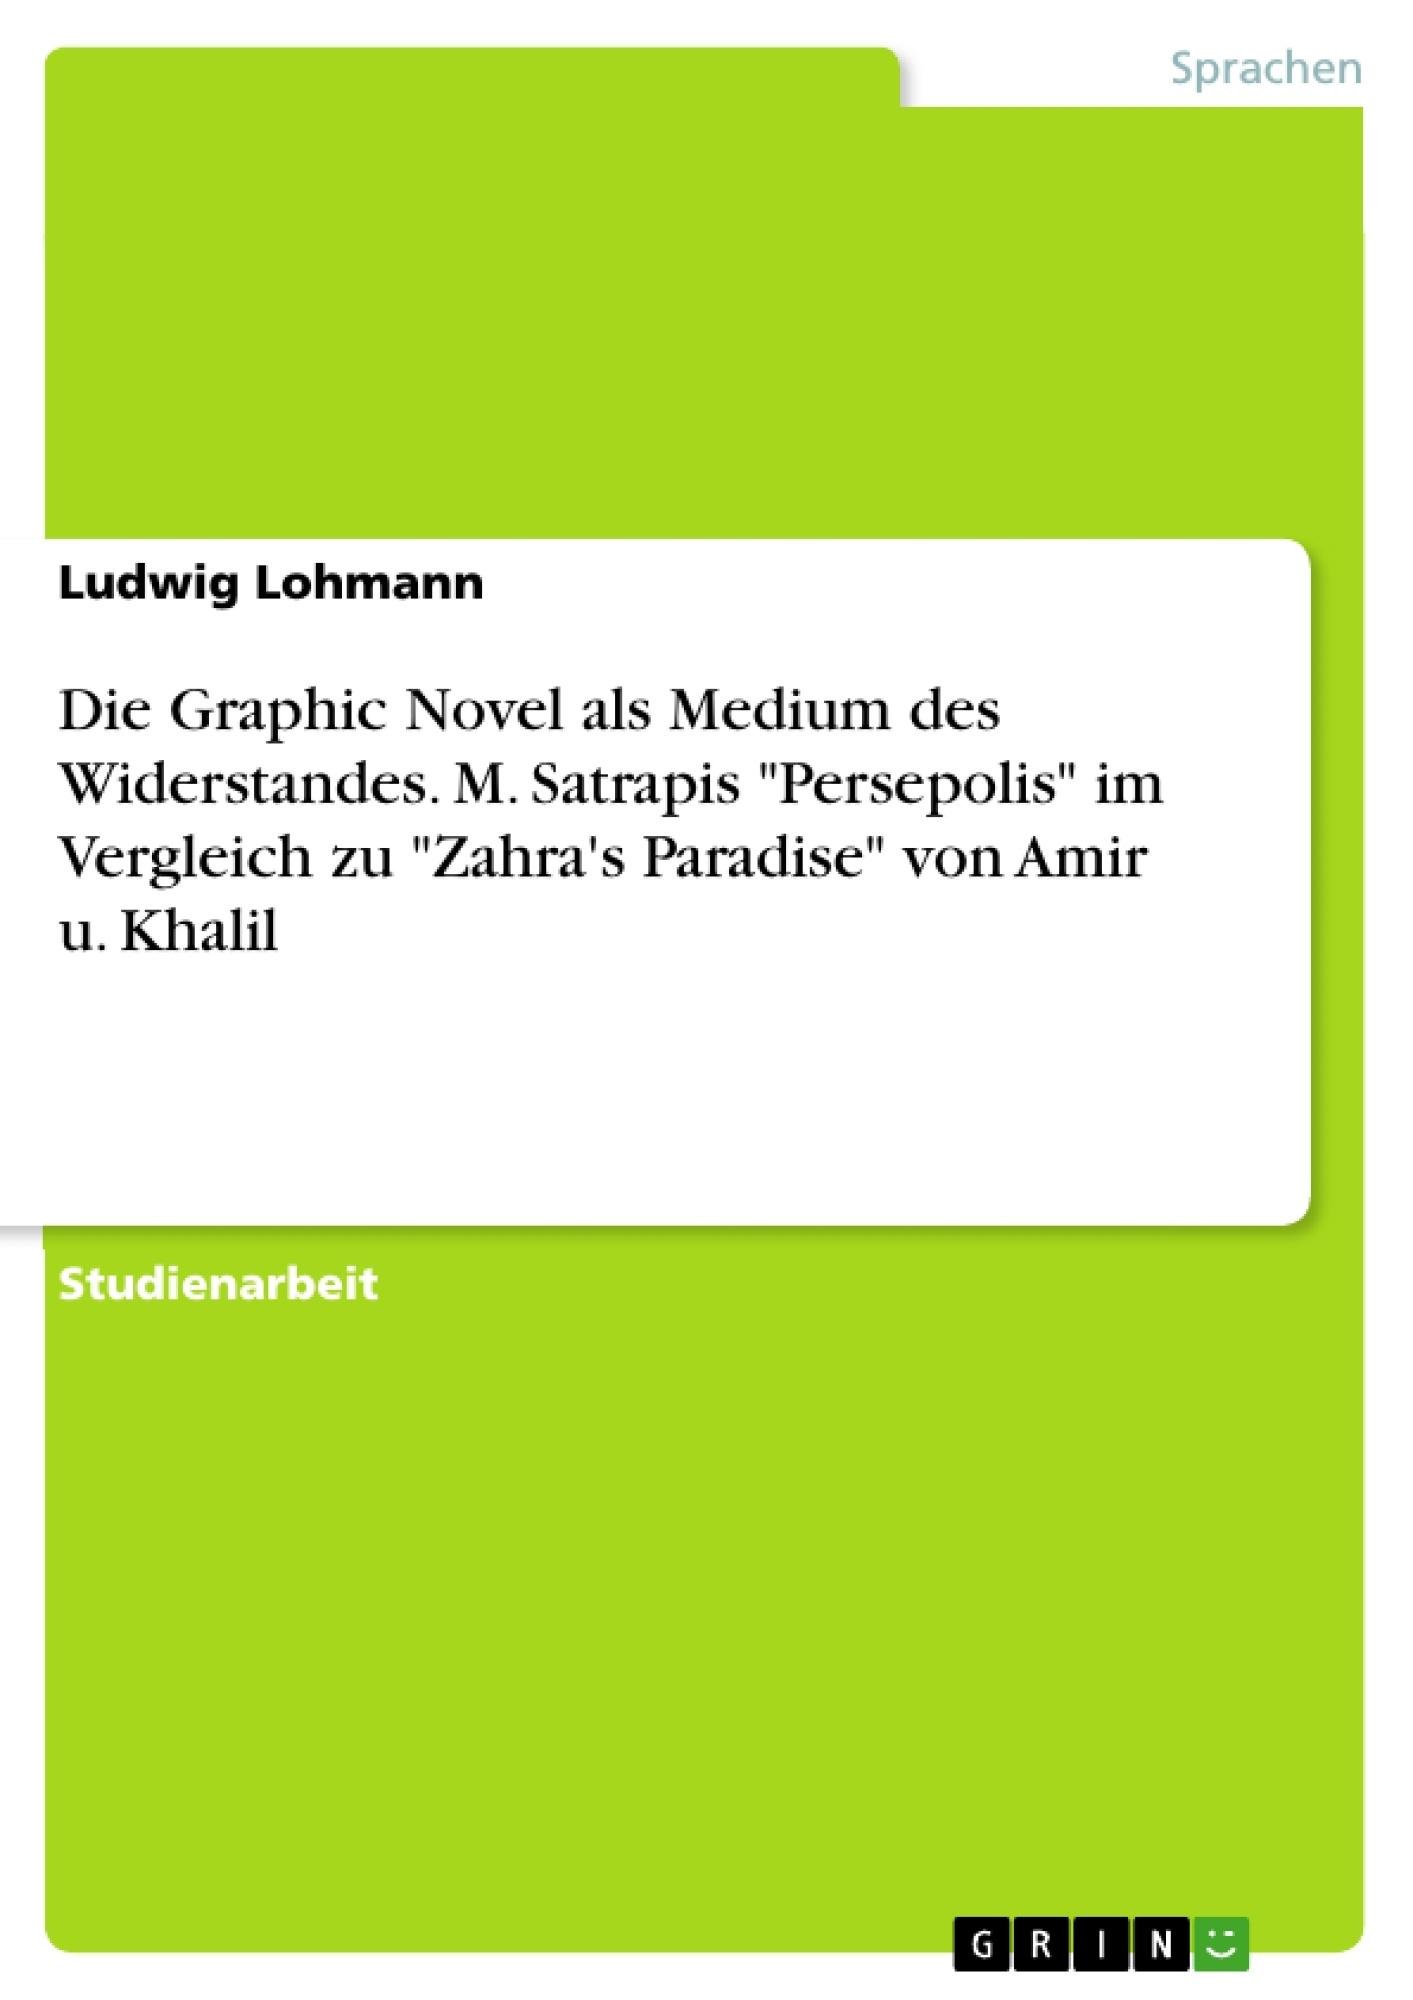 """Titel: Die Graphic Novel als Medium des Widerstandes. M. Satrapis """"Persepolis"""" im Vergleich zu """"Zahra's Paradise""""  von Amir u. Khalil"""